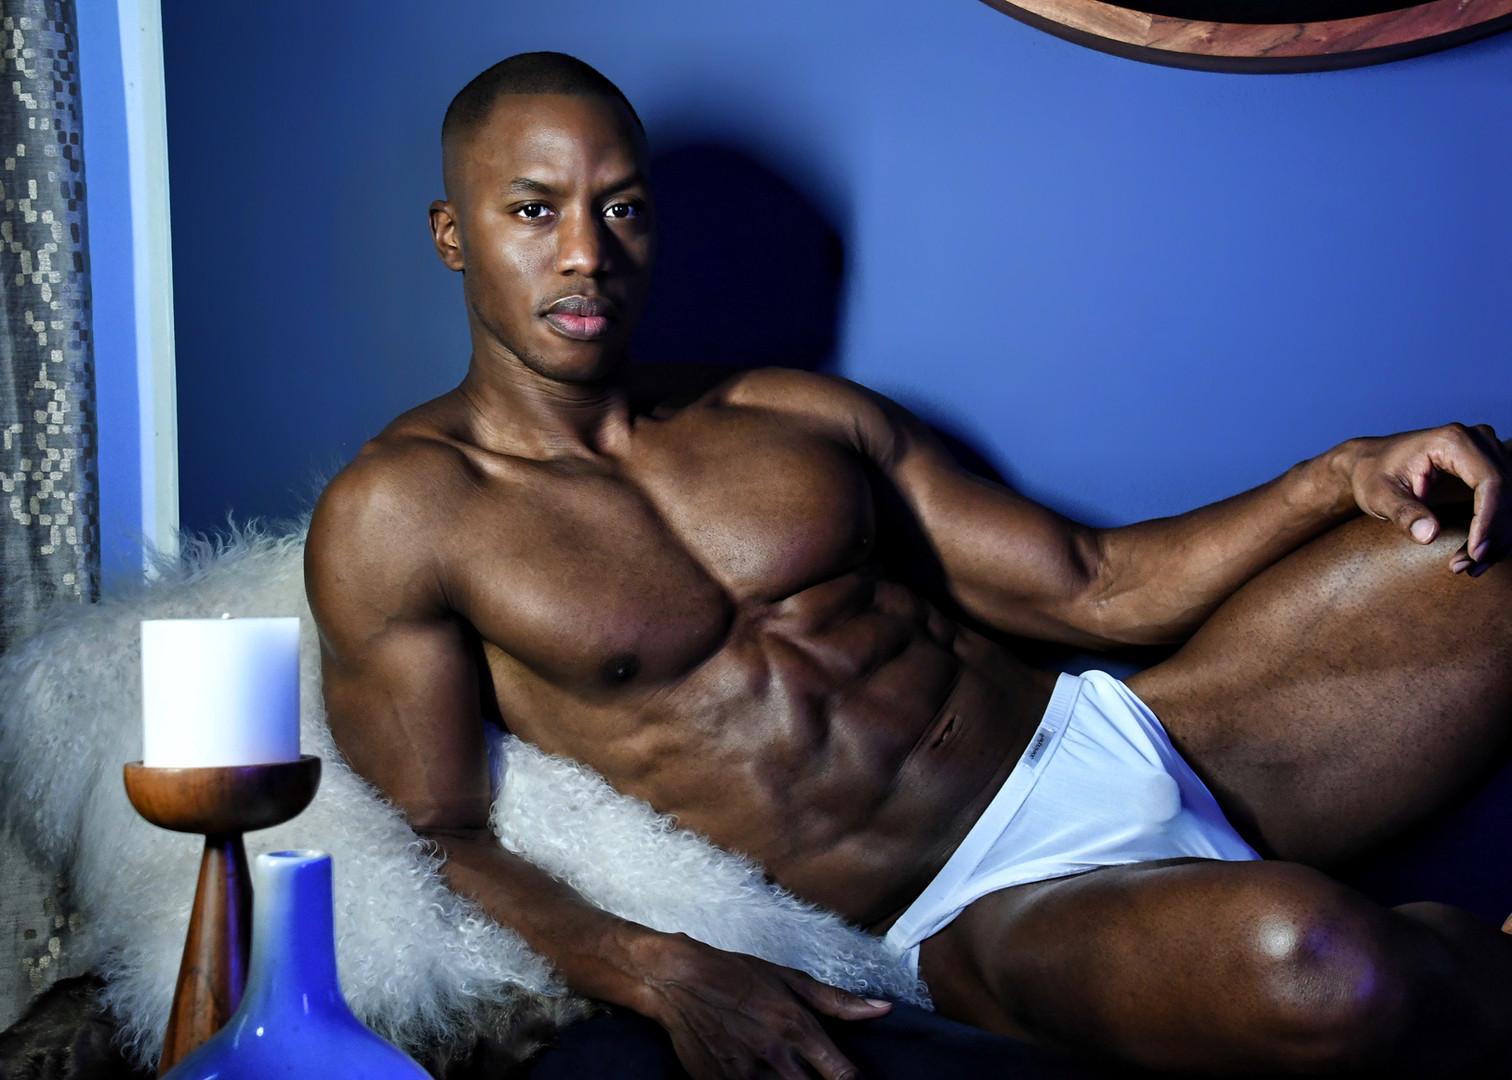 Model Charles